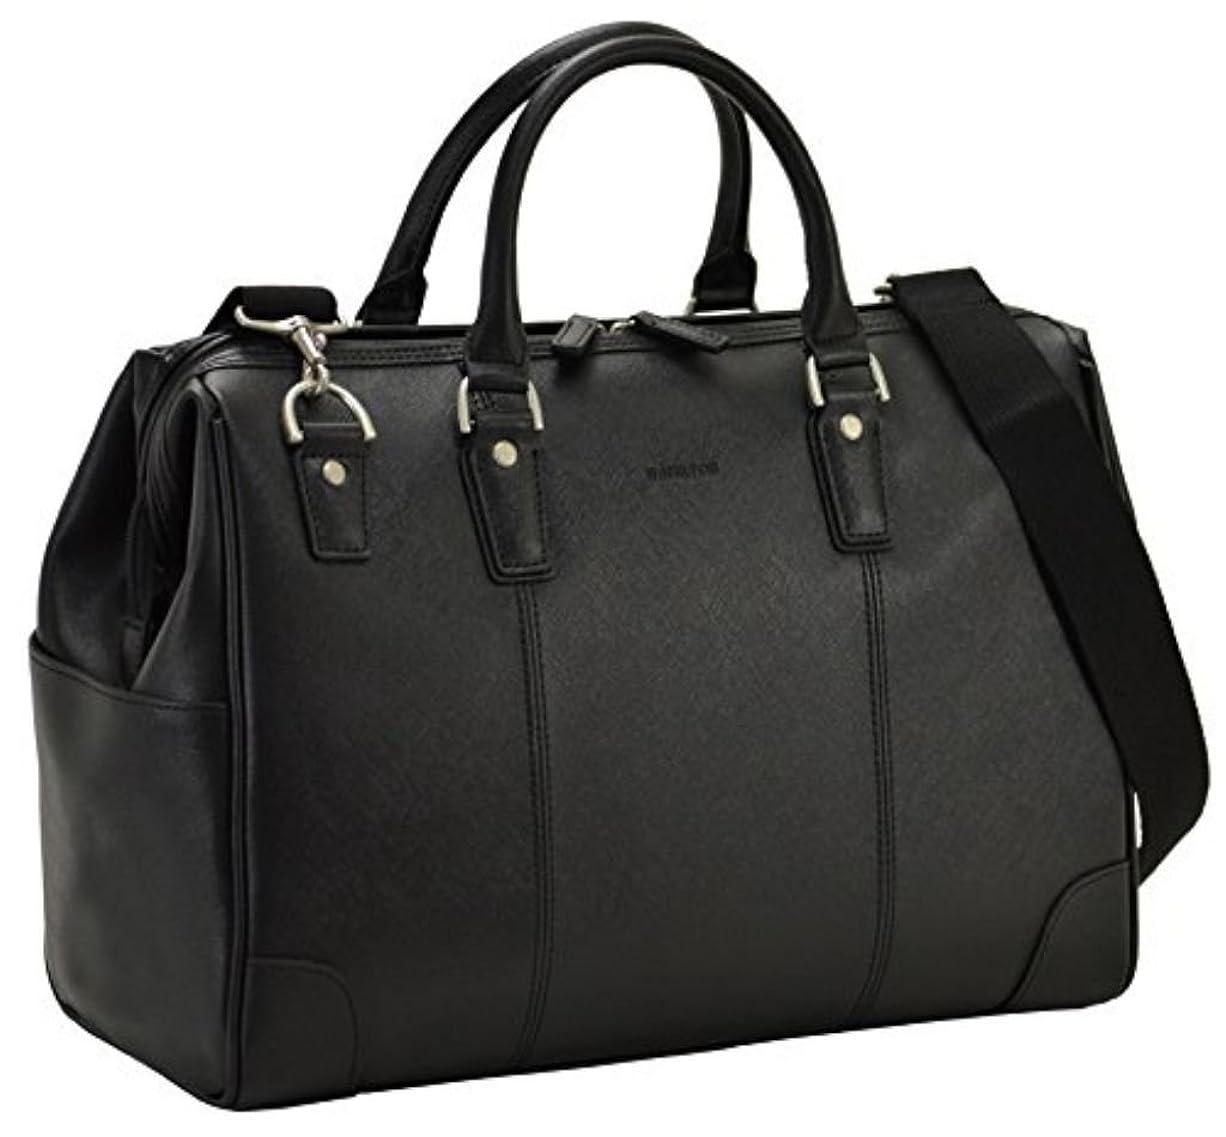 口蓄積する受益者大容量 軽量 ボストンバッグ ダレス型 大開き 収納多い バッグ 各シボ トラベルバッグ メンズ 紳士 誕生日プレゼント 36010425